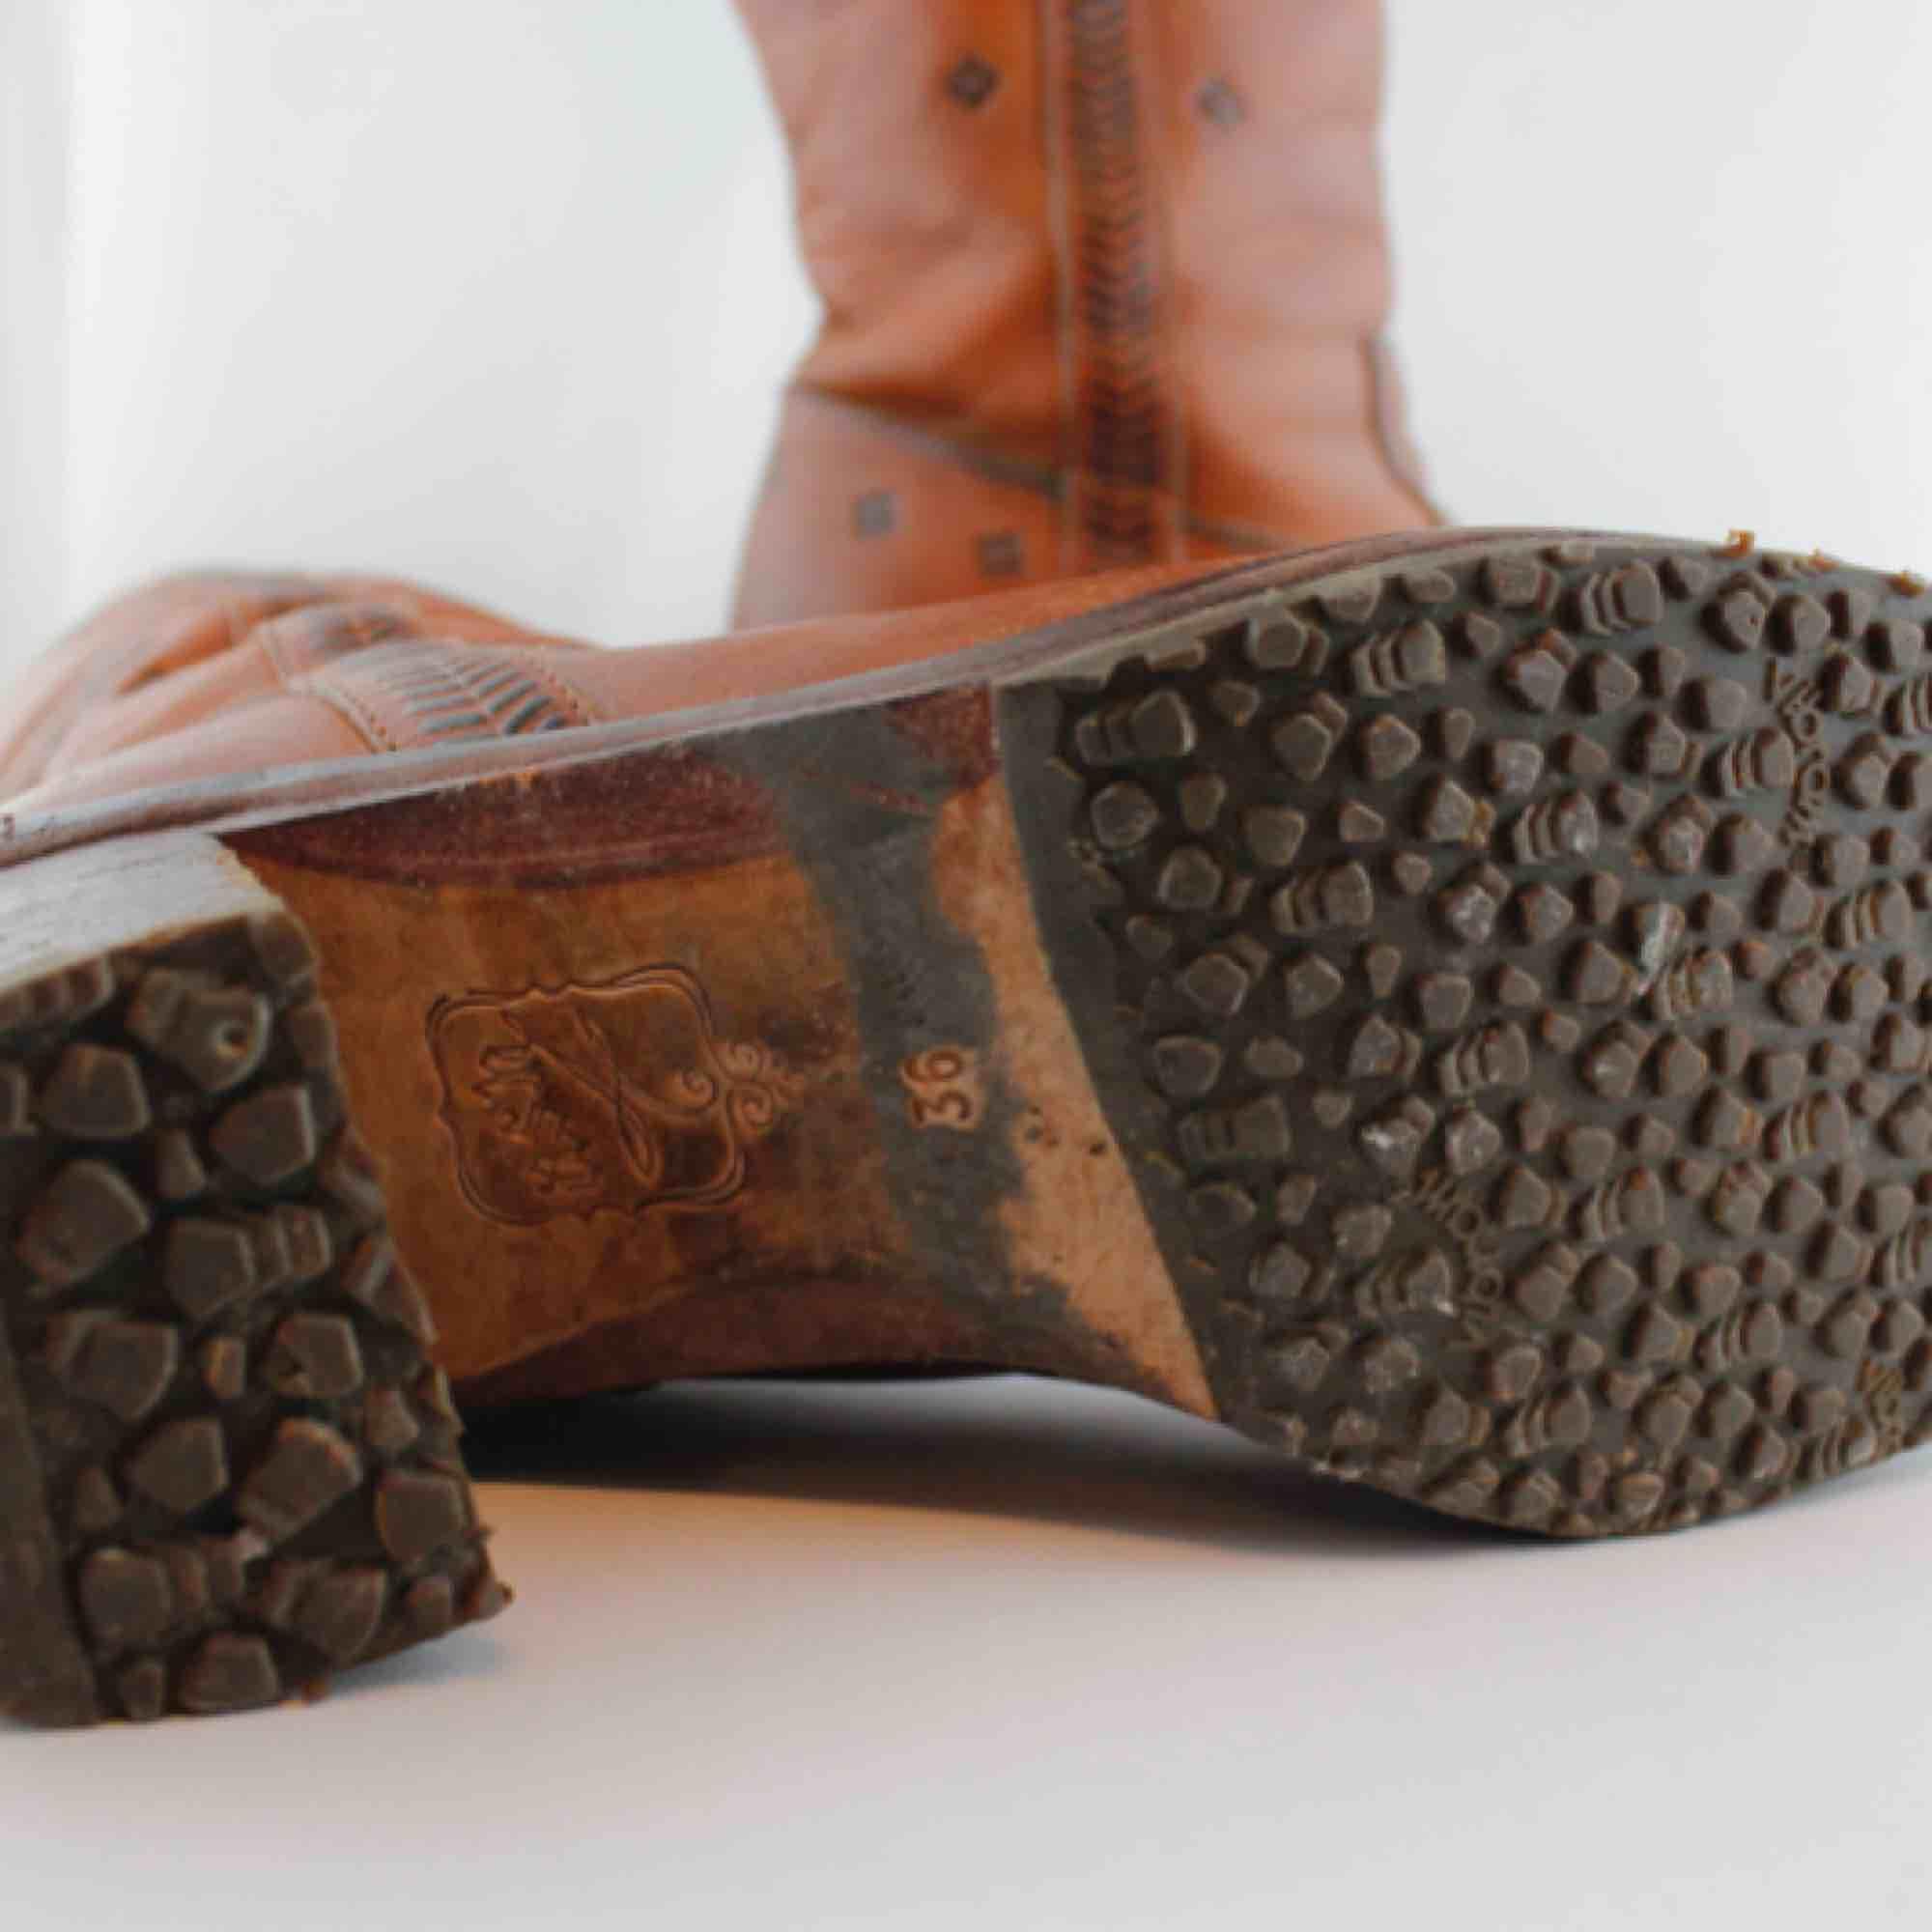 Läderstövlar från märket Ash strl 36. Innermått 23-24cm Skaft längd 35cm Öppning ca 34cm runt, insidan Klack ca 7cm. . Skor.